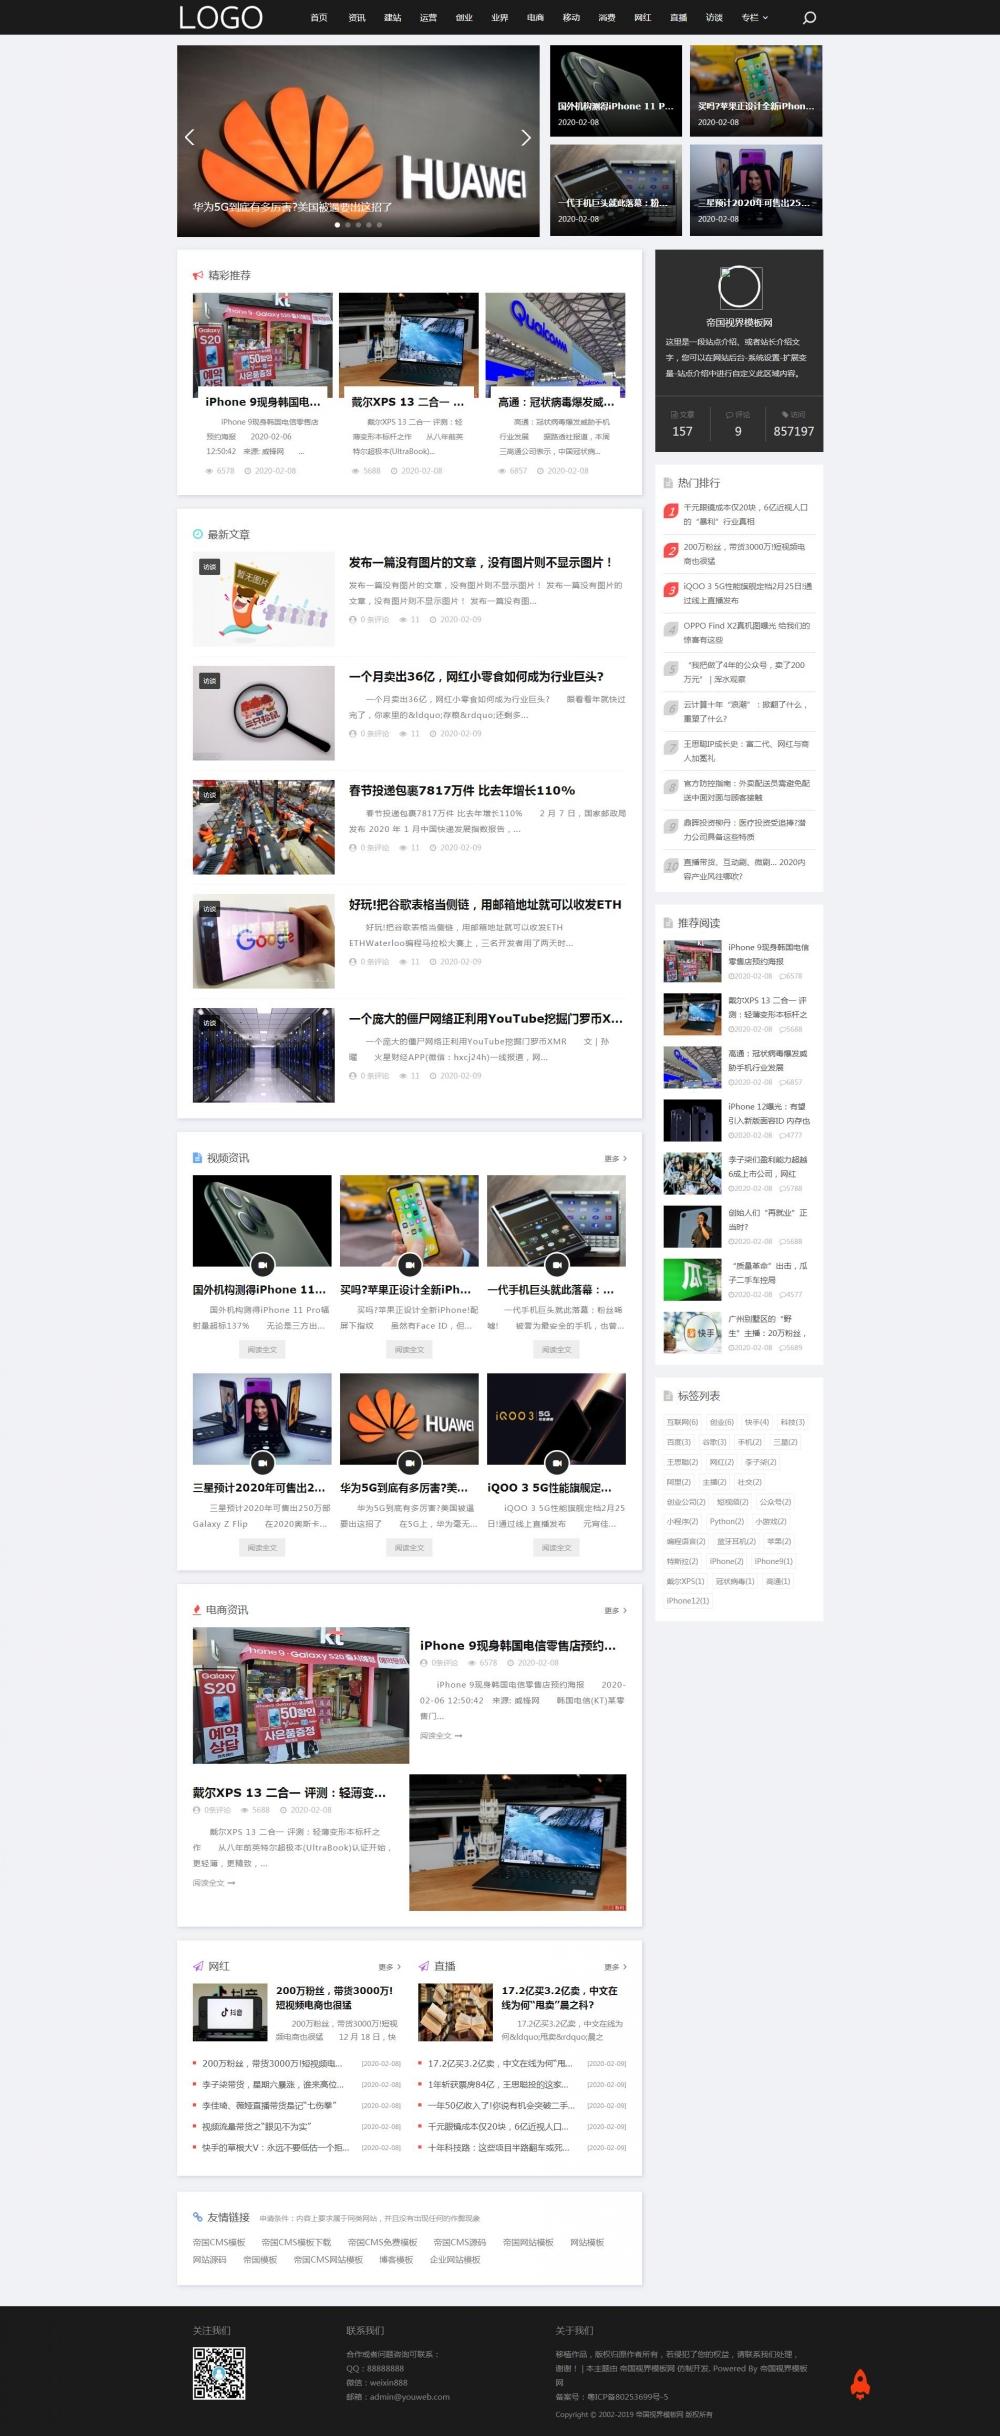 网站首页.jpg [DG-058]帝国CMS模板经典黑色新闻资讯自媒体资讯网站模板 新闻资讯 第1张